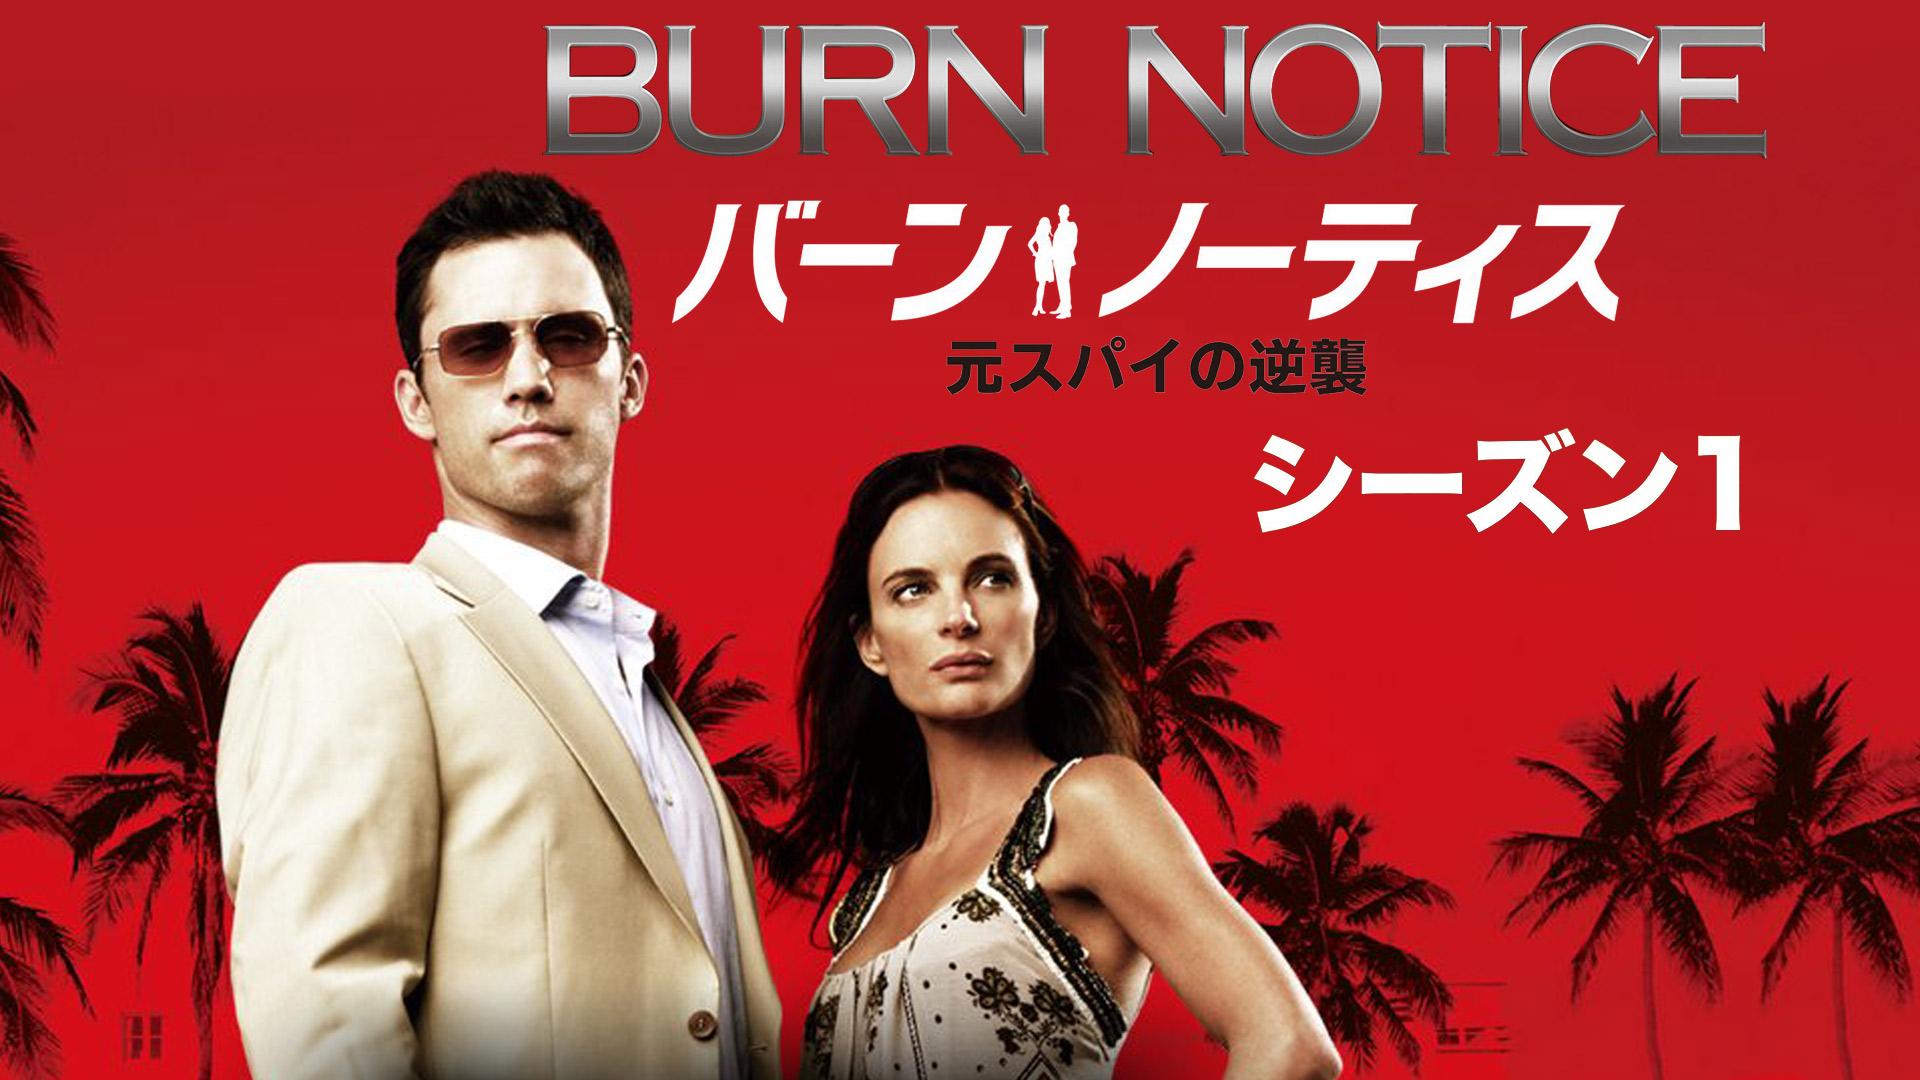 バーン・ノーティス 元スパイの逆襲 シーズン 1 (吹替版)